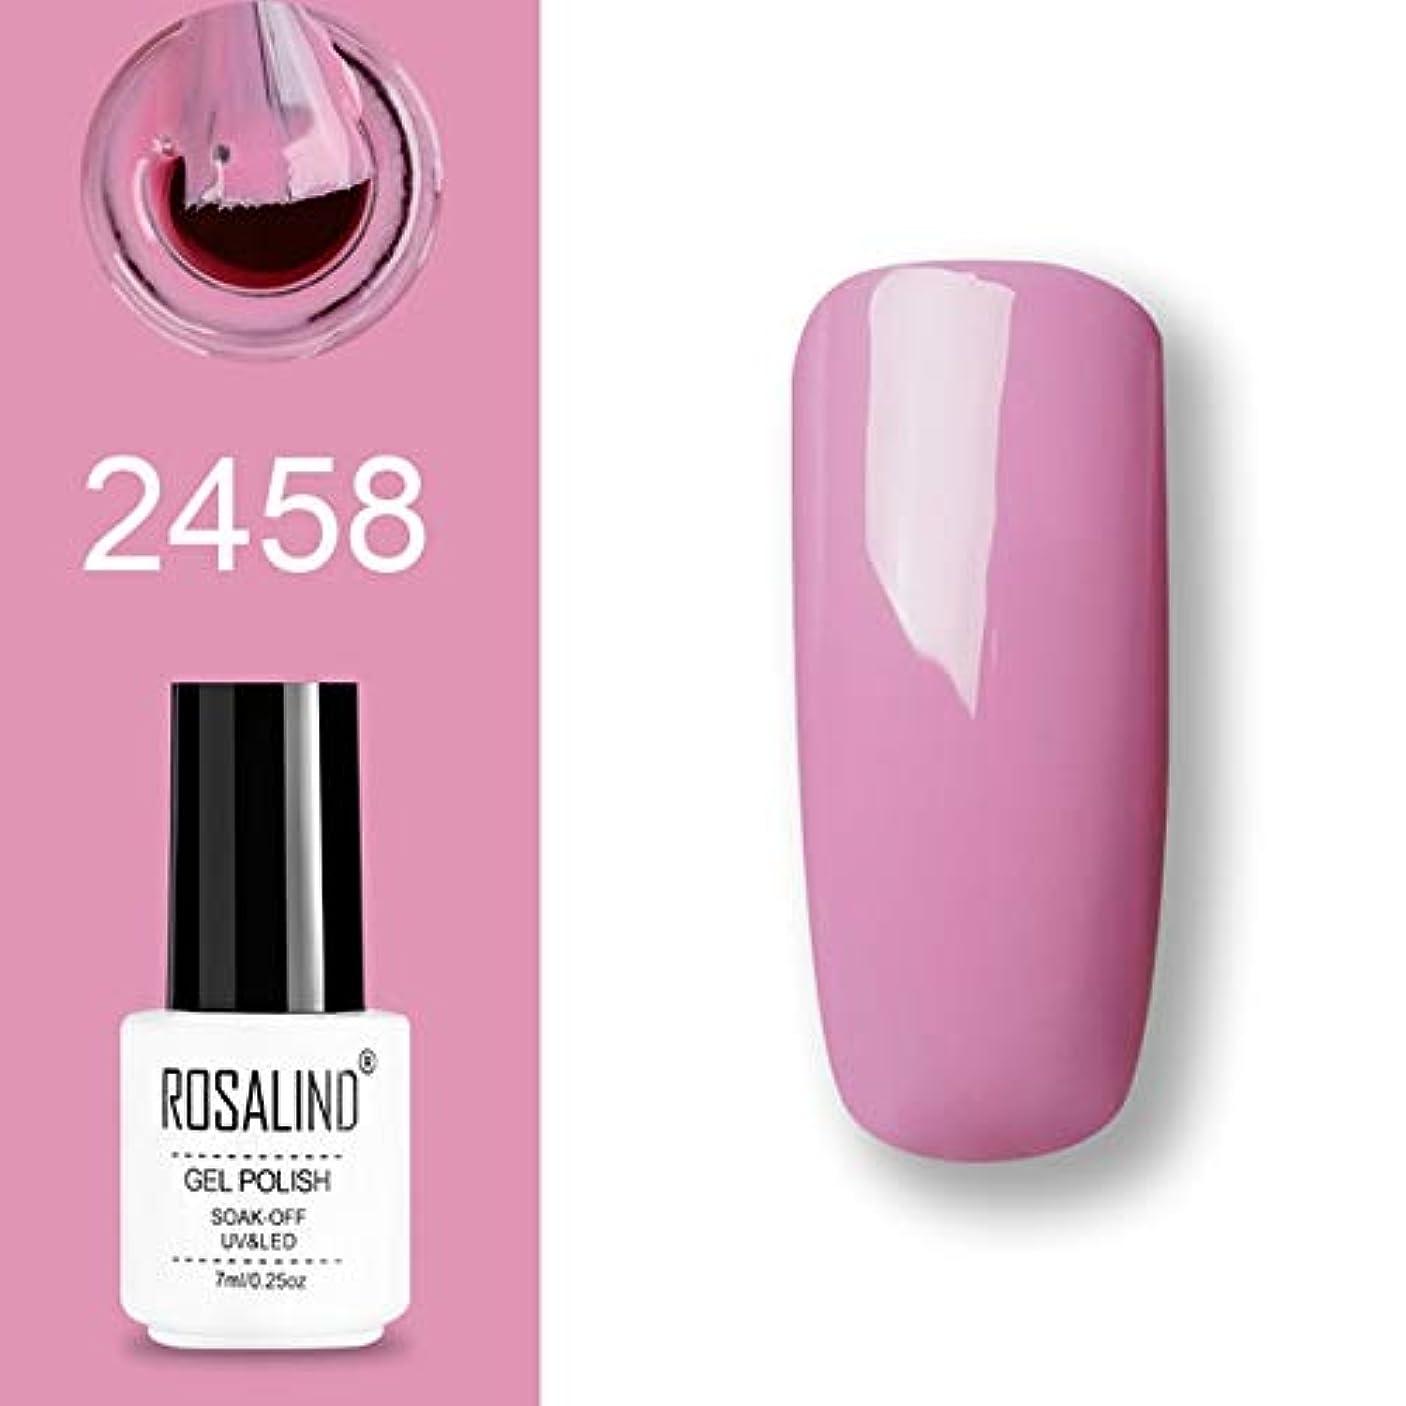 チャータージョグ賛辞ファッションアイテム ROSALINDジェルポリッシュセットUVセミパーマネントプライマートップコートポリジェルニスネイルアートマニキュアジェル、ピンク、容量:7ml 2458。 環境に優しいマニキュア